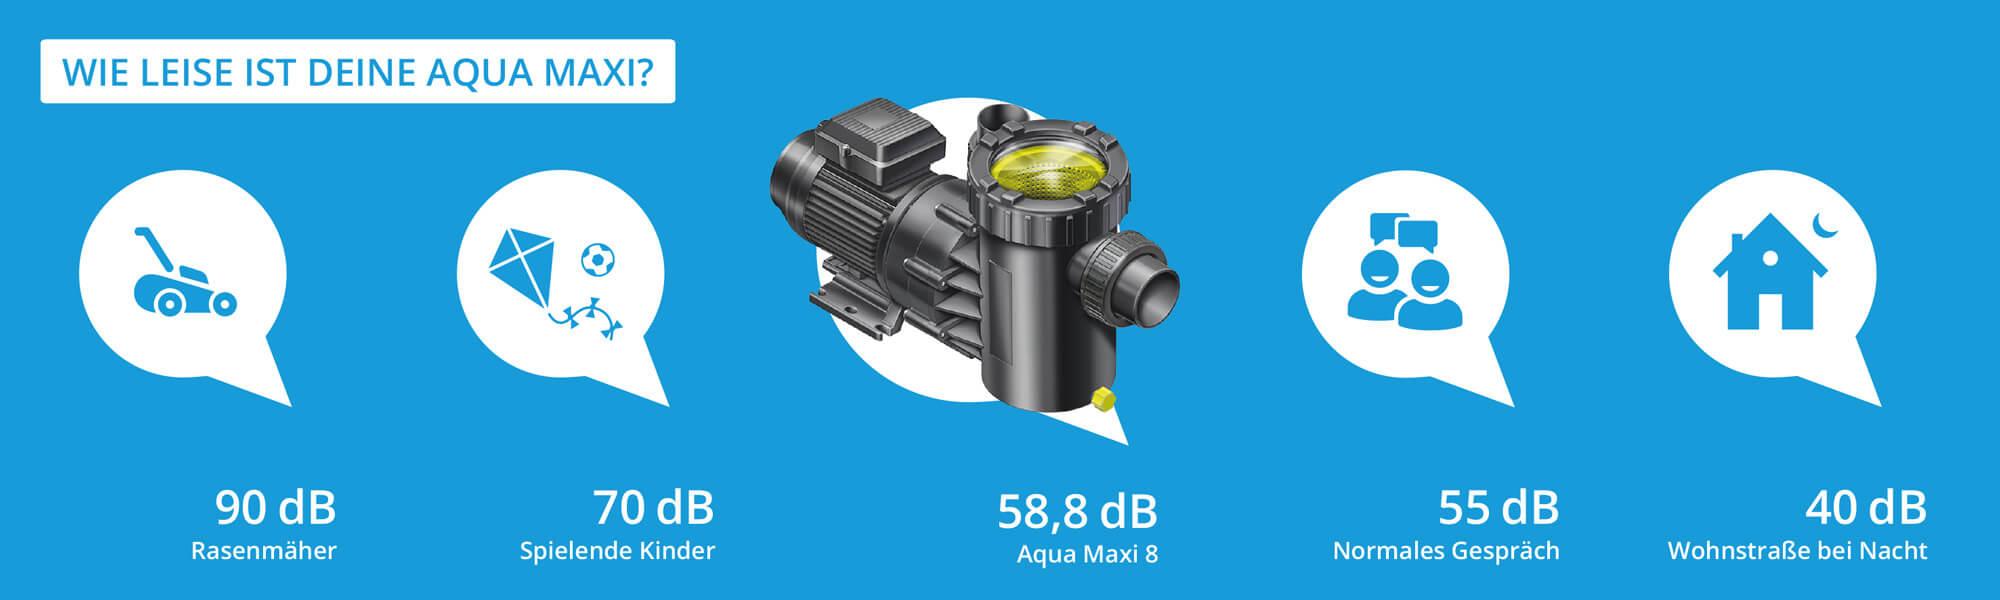 Geräuschevergleich Aqua Maxi